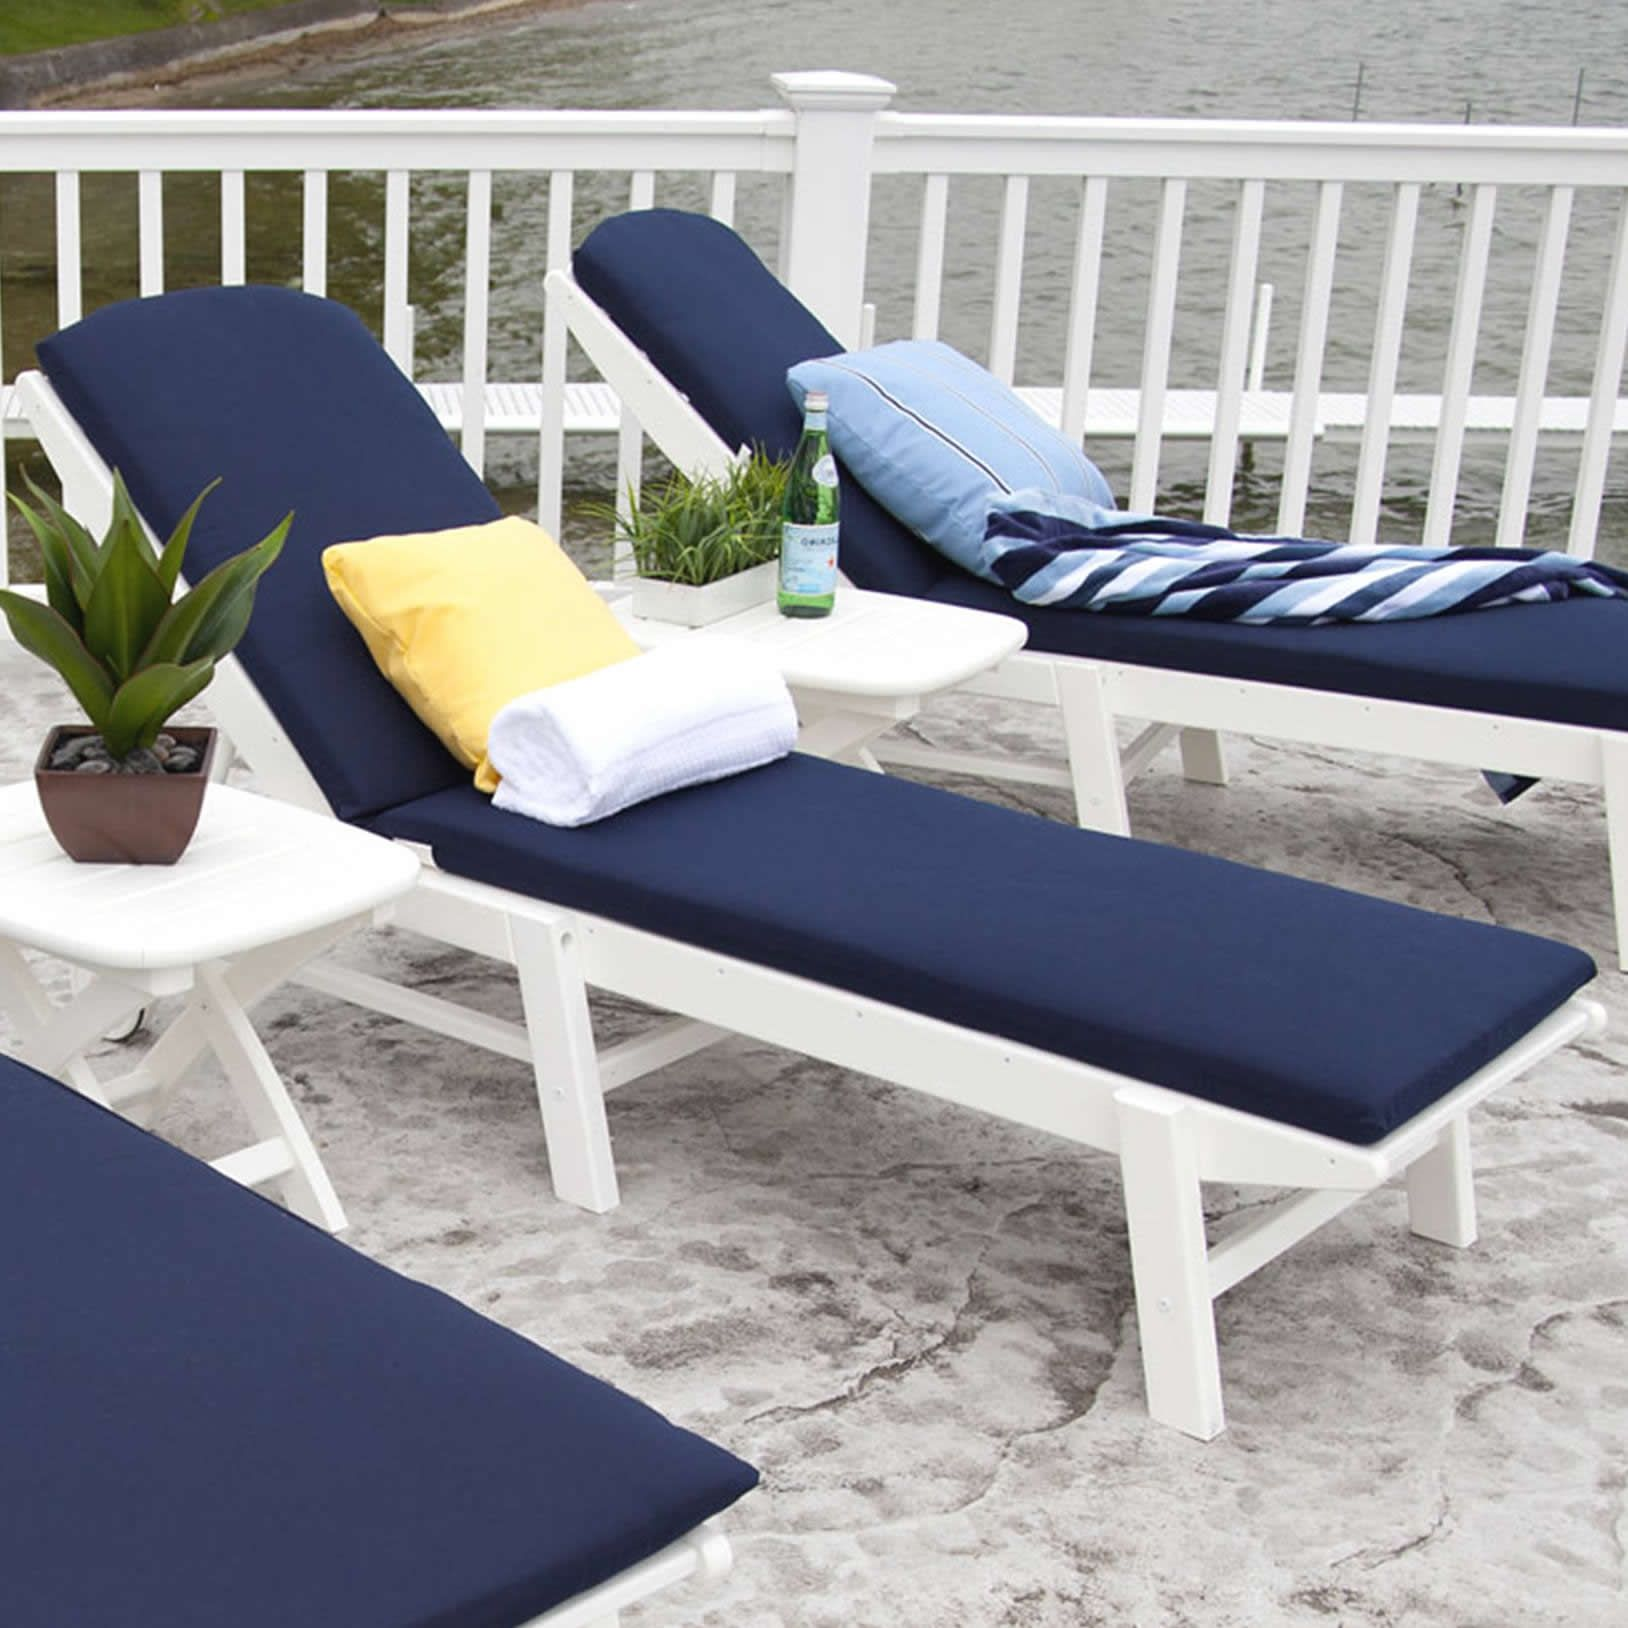 Günstige Ersatz Kissen Für Outdoor Möbel Kaufen Outdoor